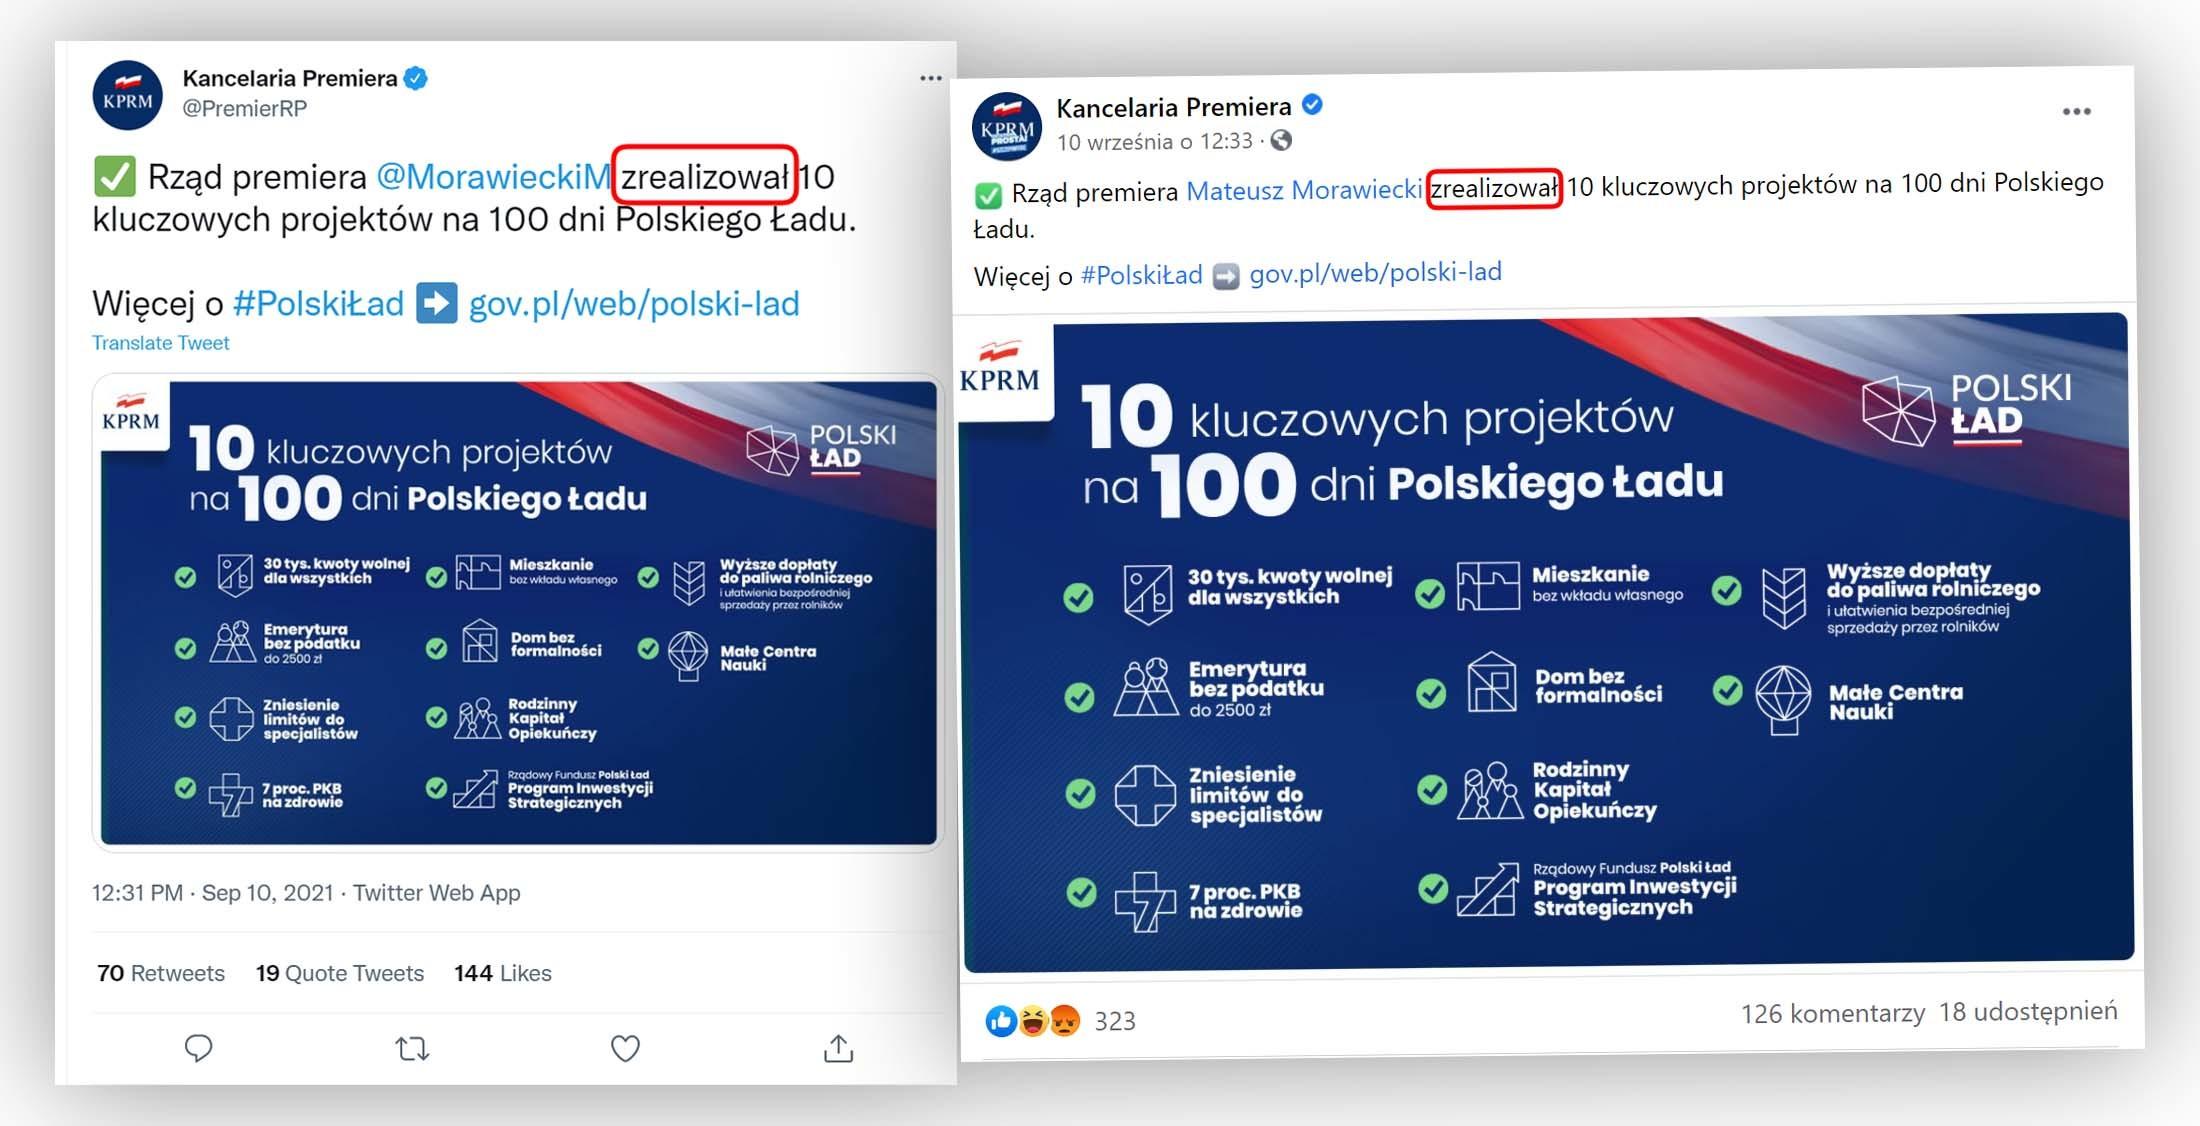 Tak kancelaria premiera informowała na profilach w mediach społecznościowych o stanie realizacji 10 projektów z Polskiego Ładu